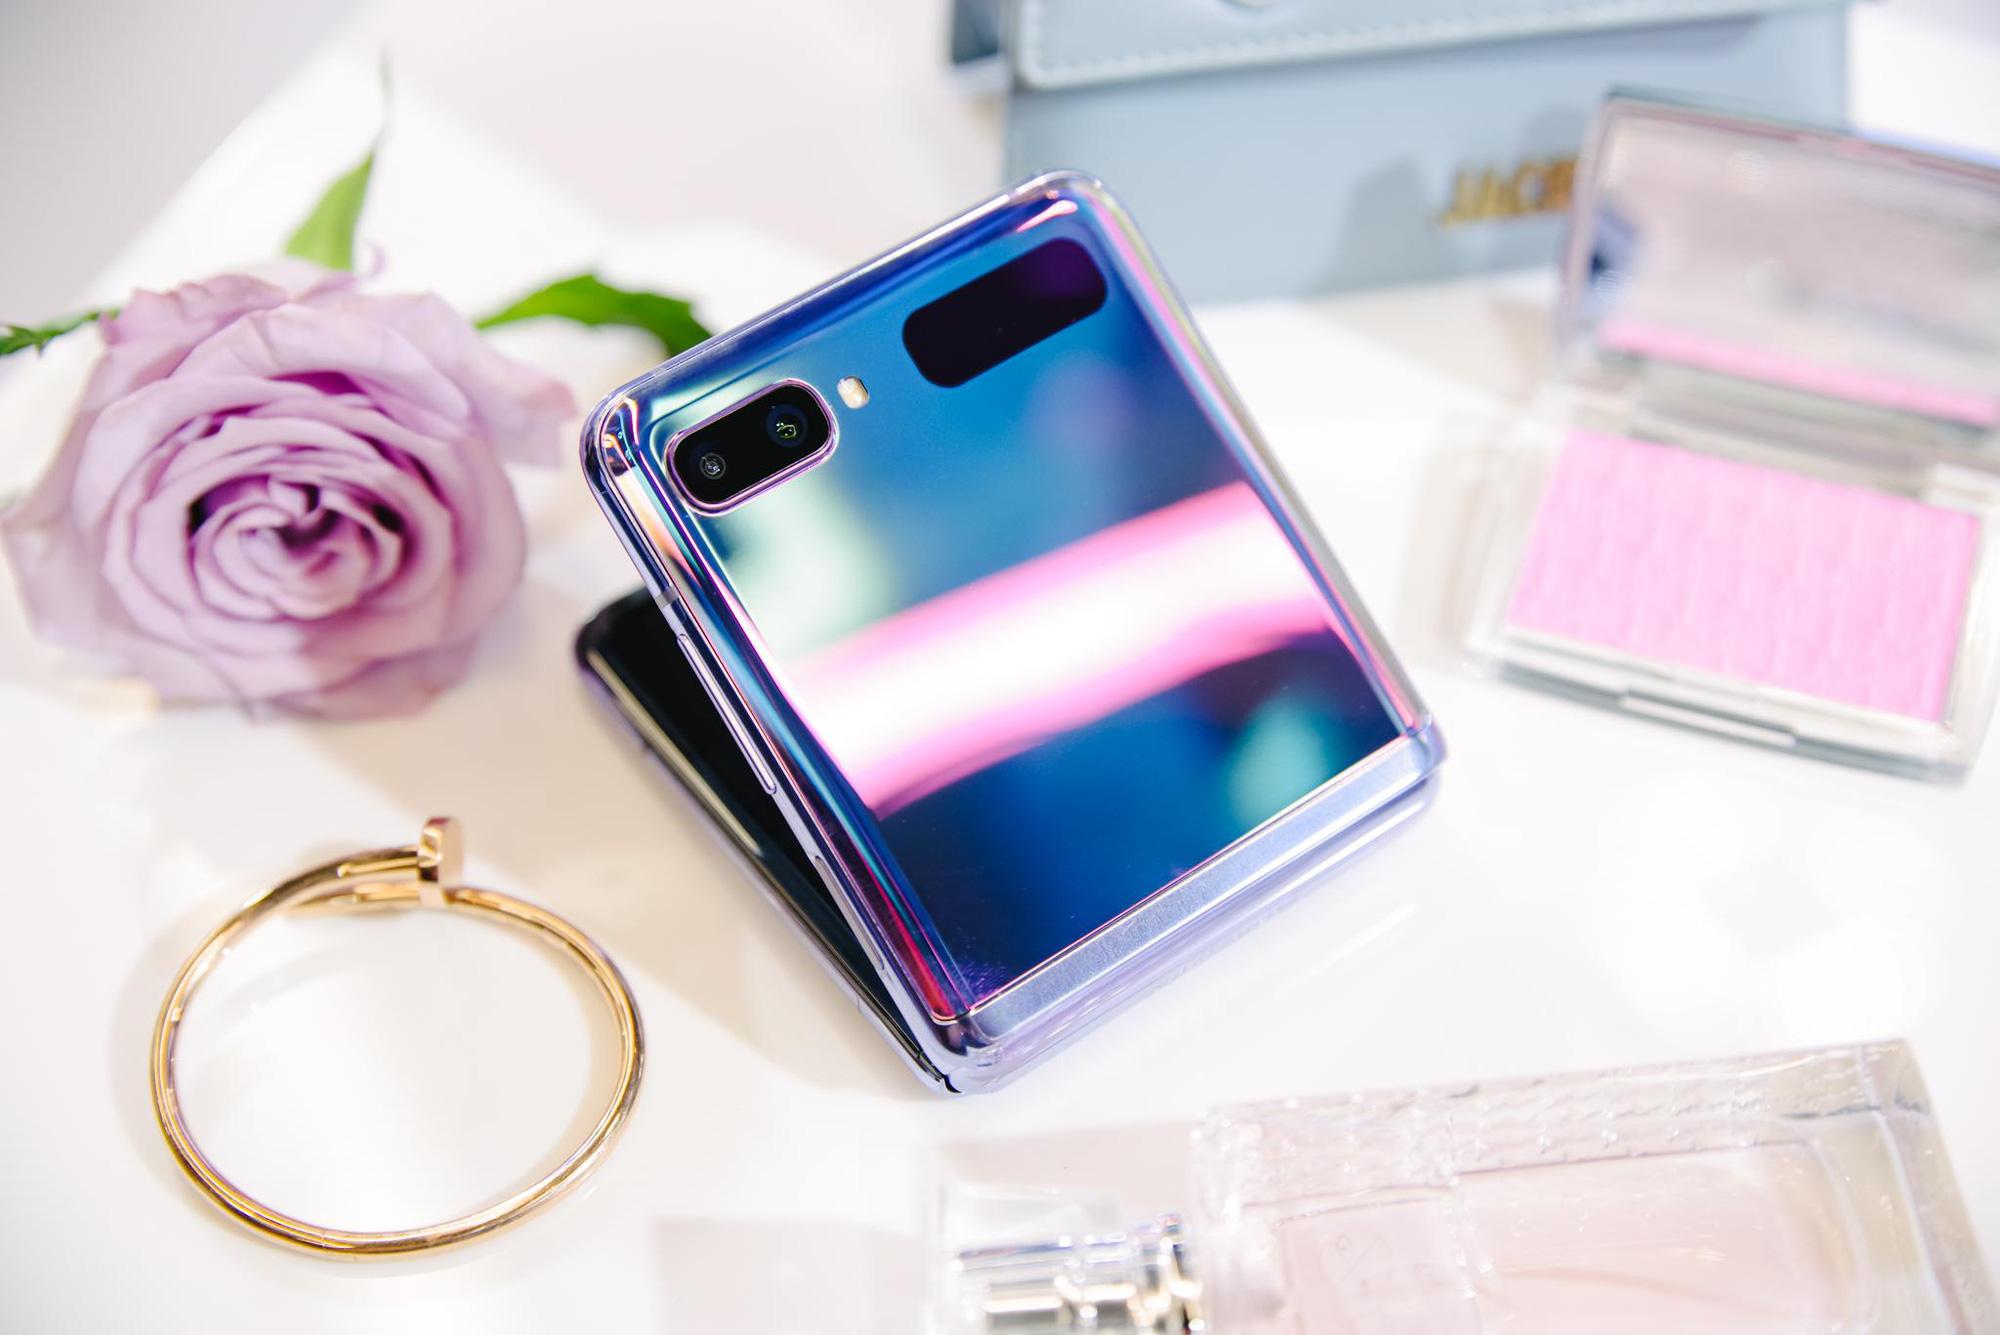 Galaxy Z Flip ra mắt chính thức tại Việt Nam, mở đầu xu hướng thời trang công nghệ mới - Ảnh 1.